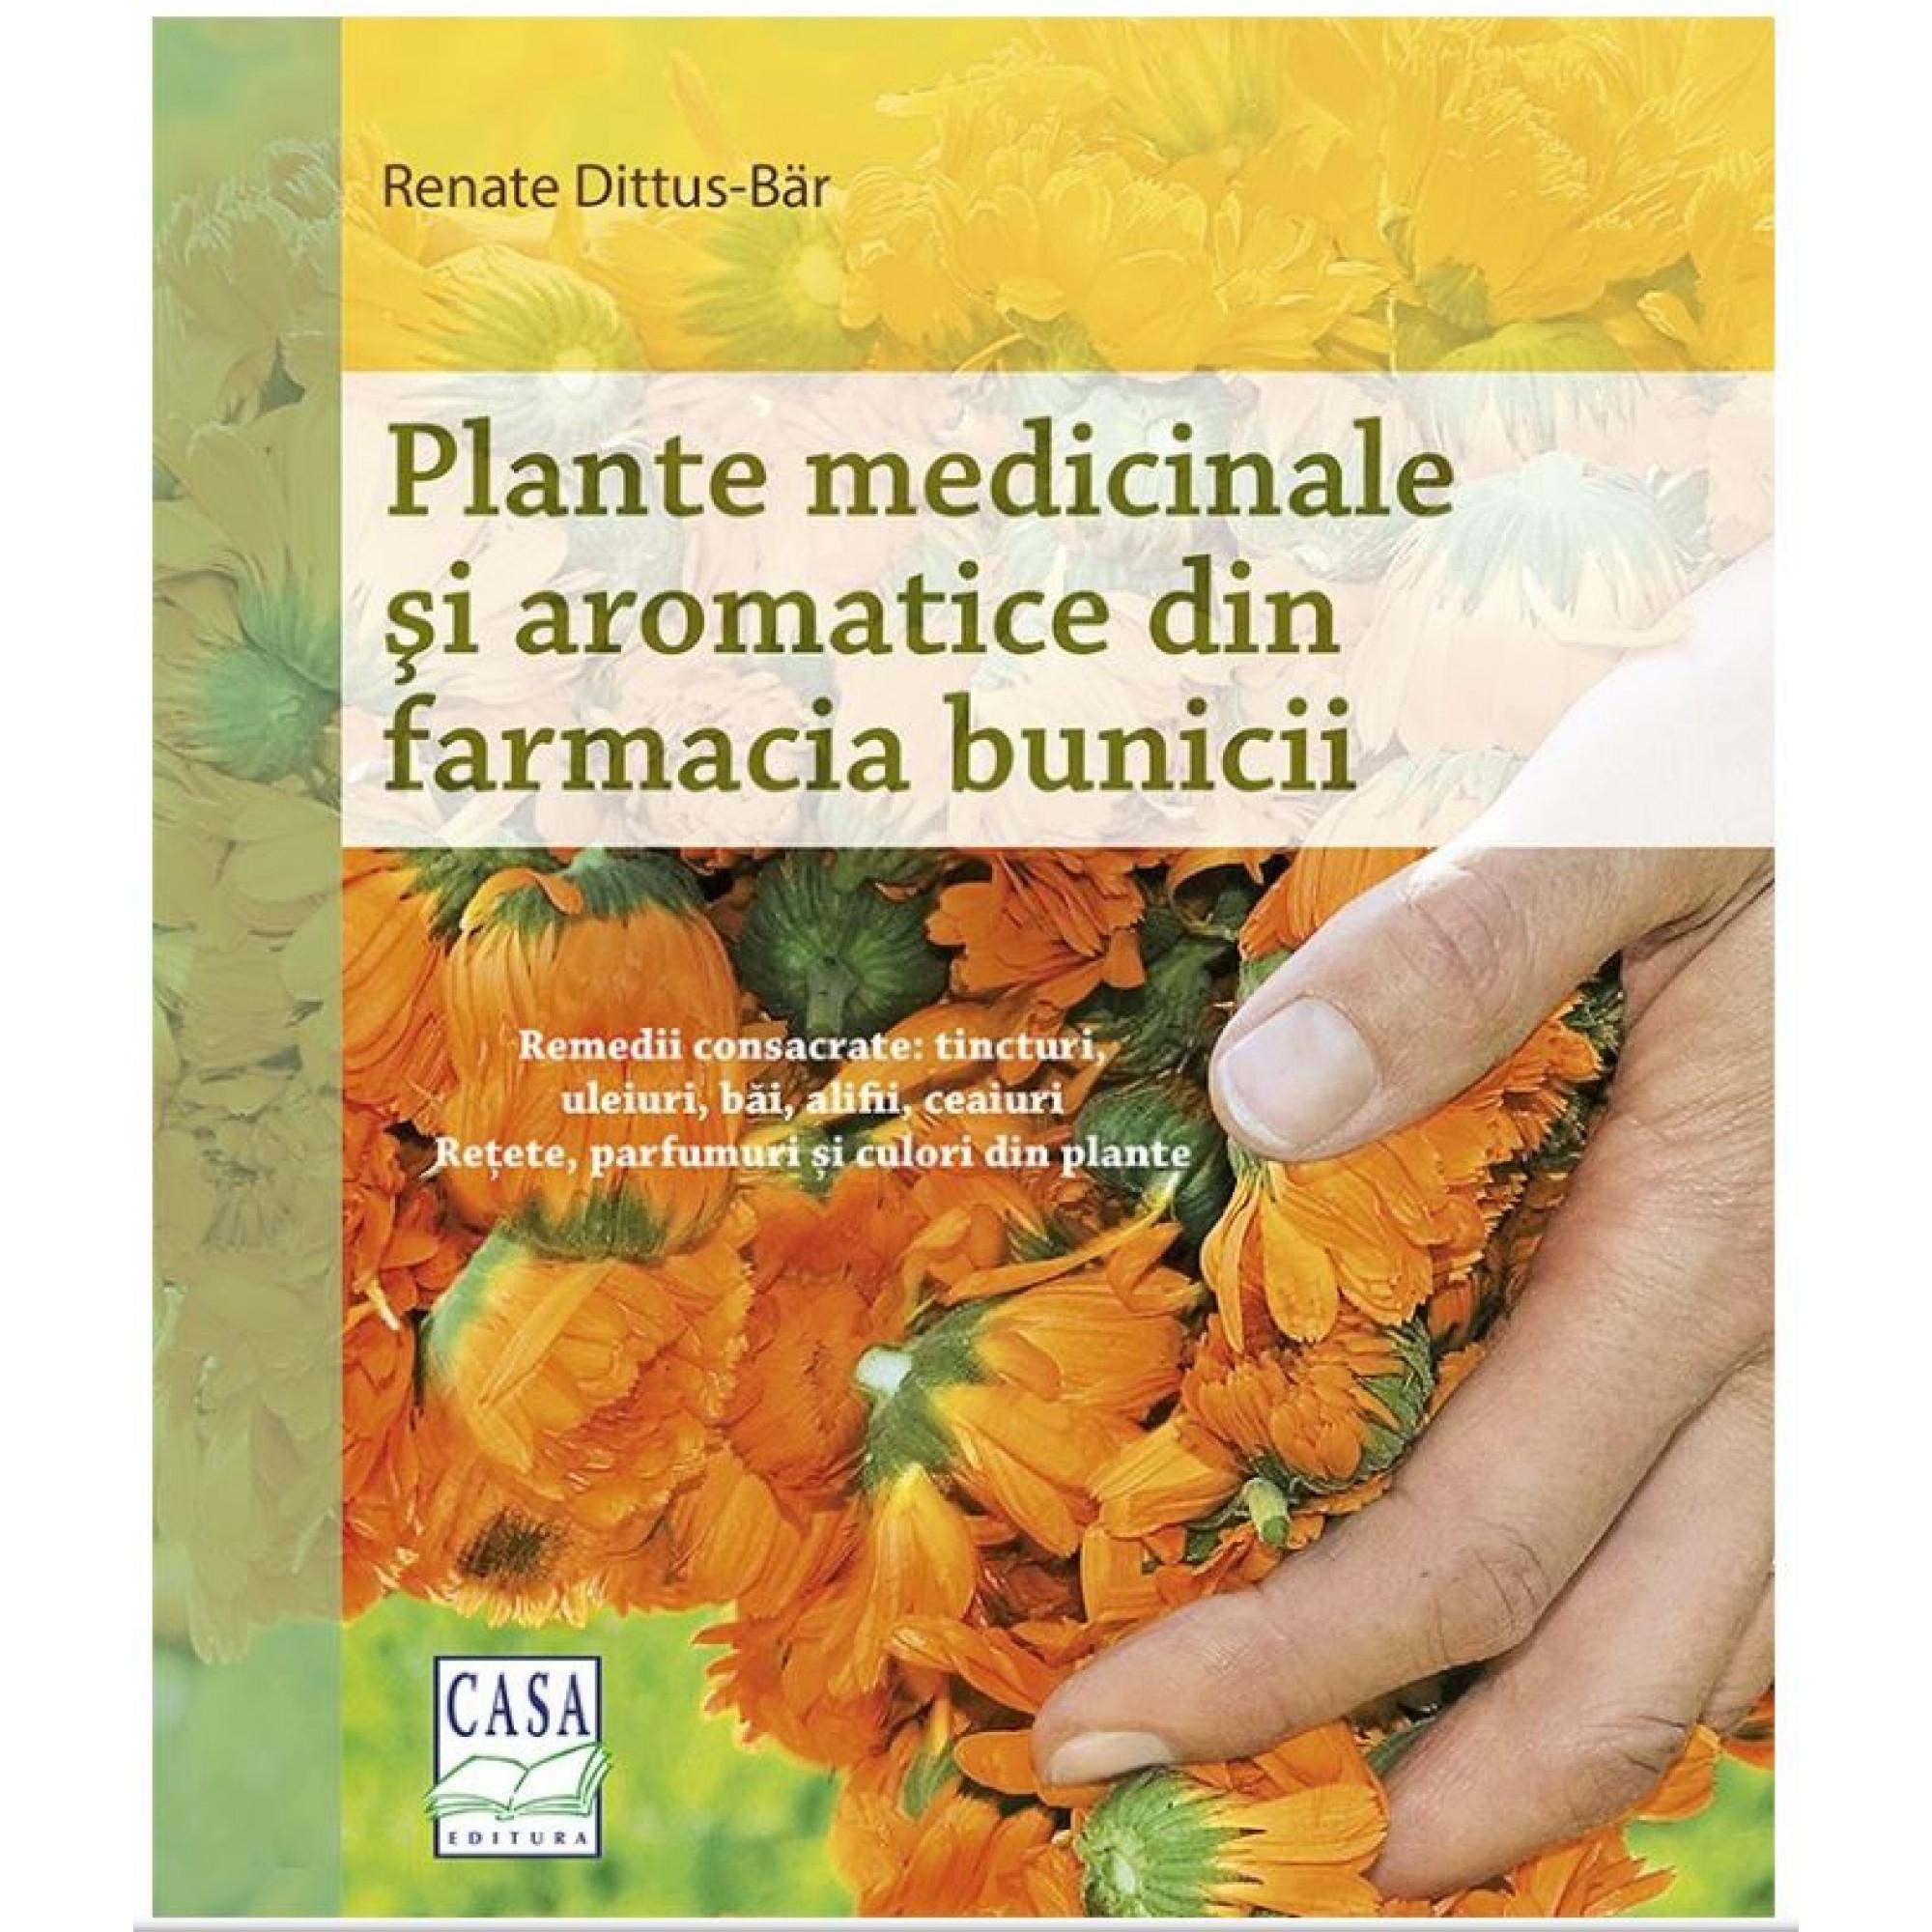 Plante medicinale și aromatice din farmacia bunicii; Renate Dittus-Bar